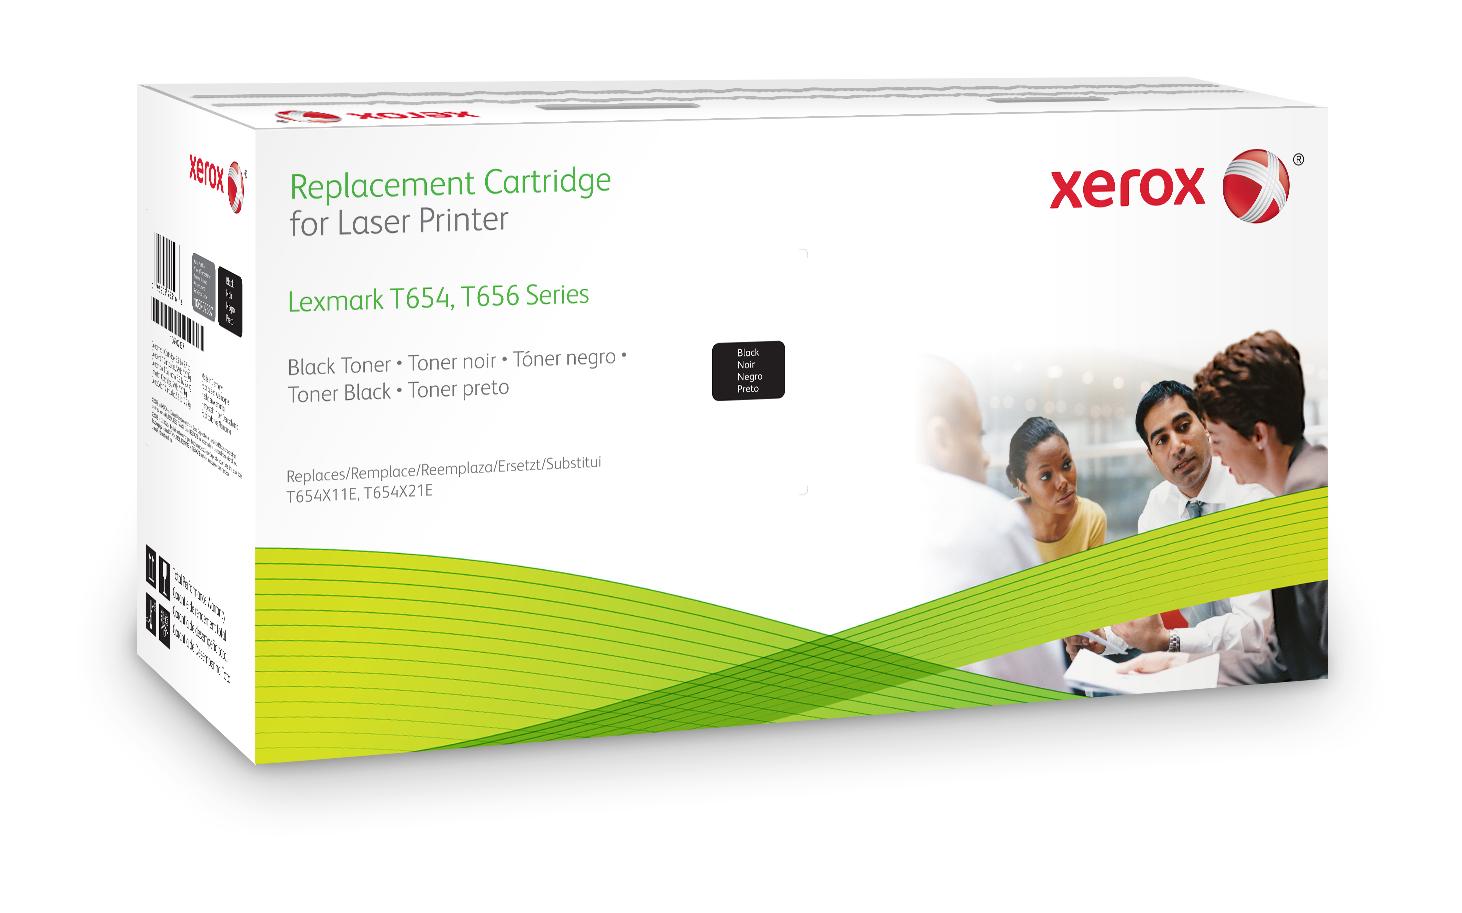 Xerox Cartucho de tóner negro. Equivalente a Lexmark T654X11E, T654X21E. Compatible con Lexmark T654, T656